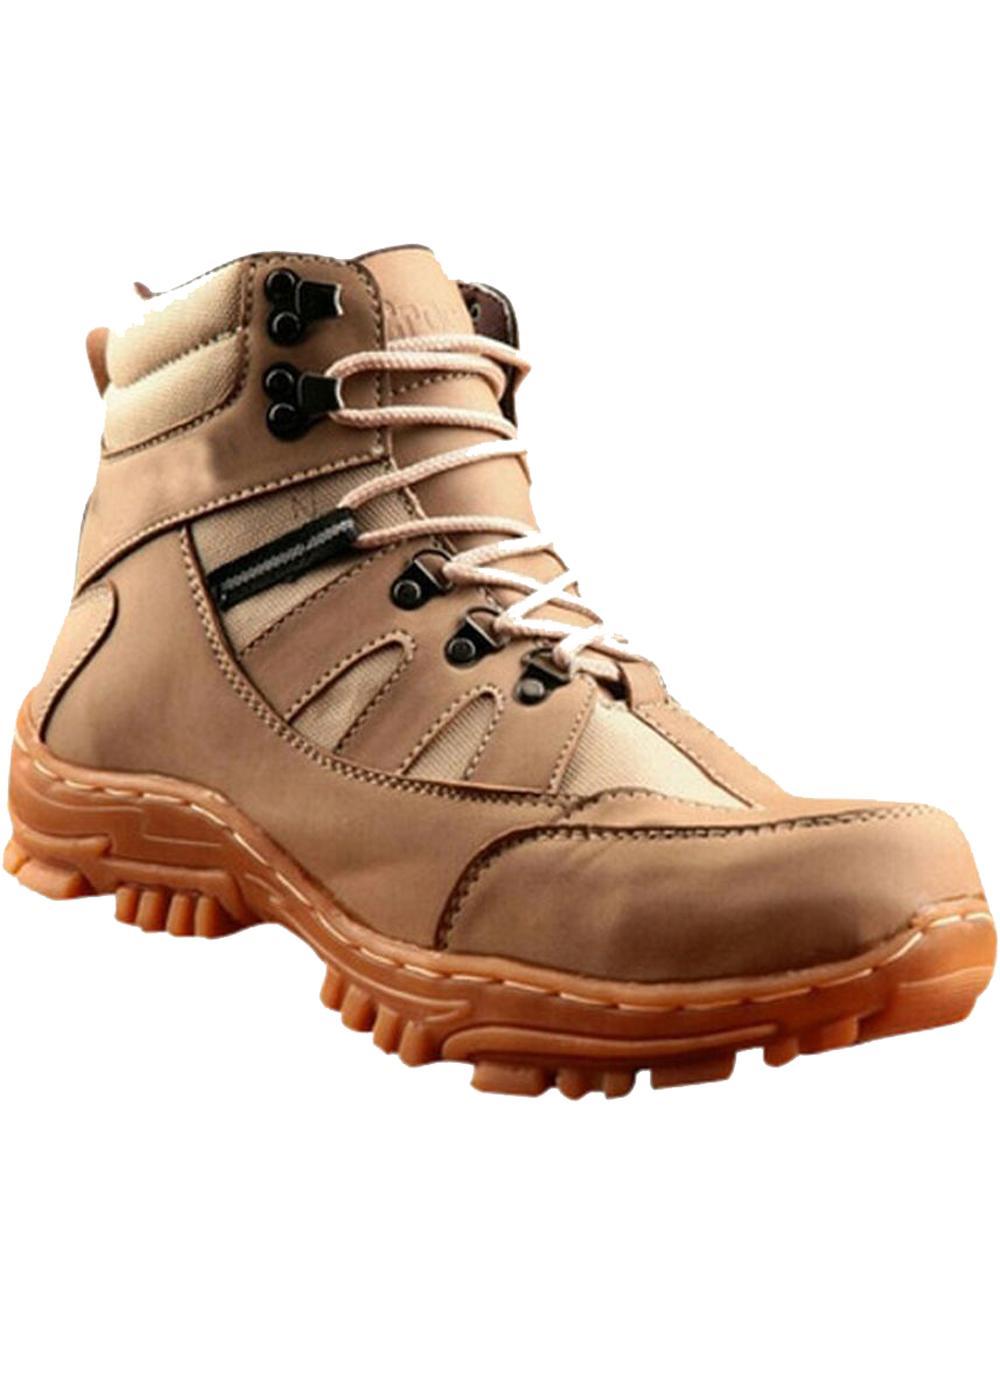 Sepatu Boot Pria crocodile Armour safety ujung nya besi  BISA BAYAR DI  TEMPAT PROYEK 1c4bfffe74